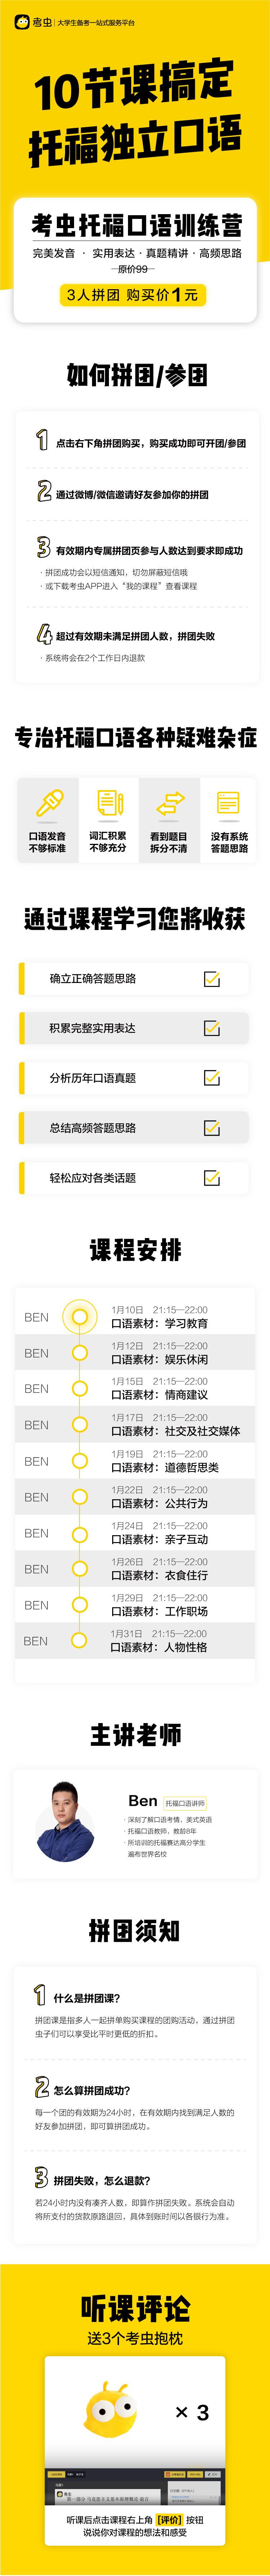 1托福拼团详情页-给产品-100.jpg